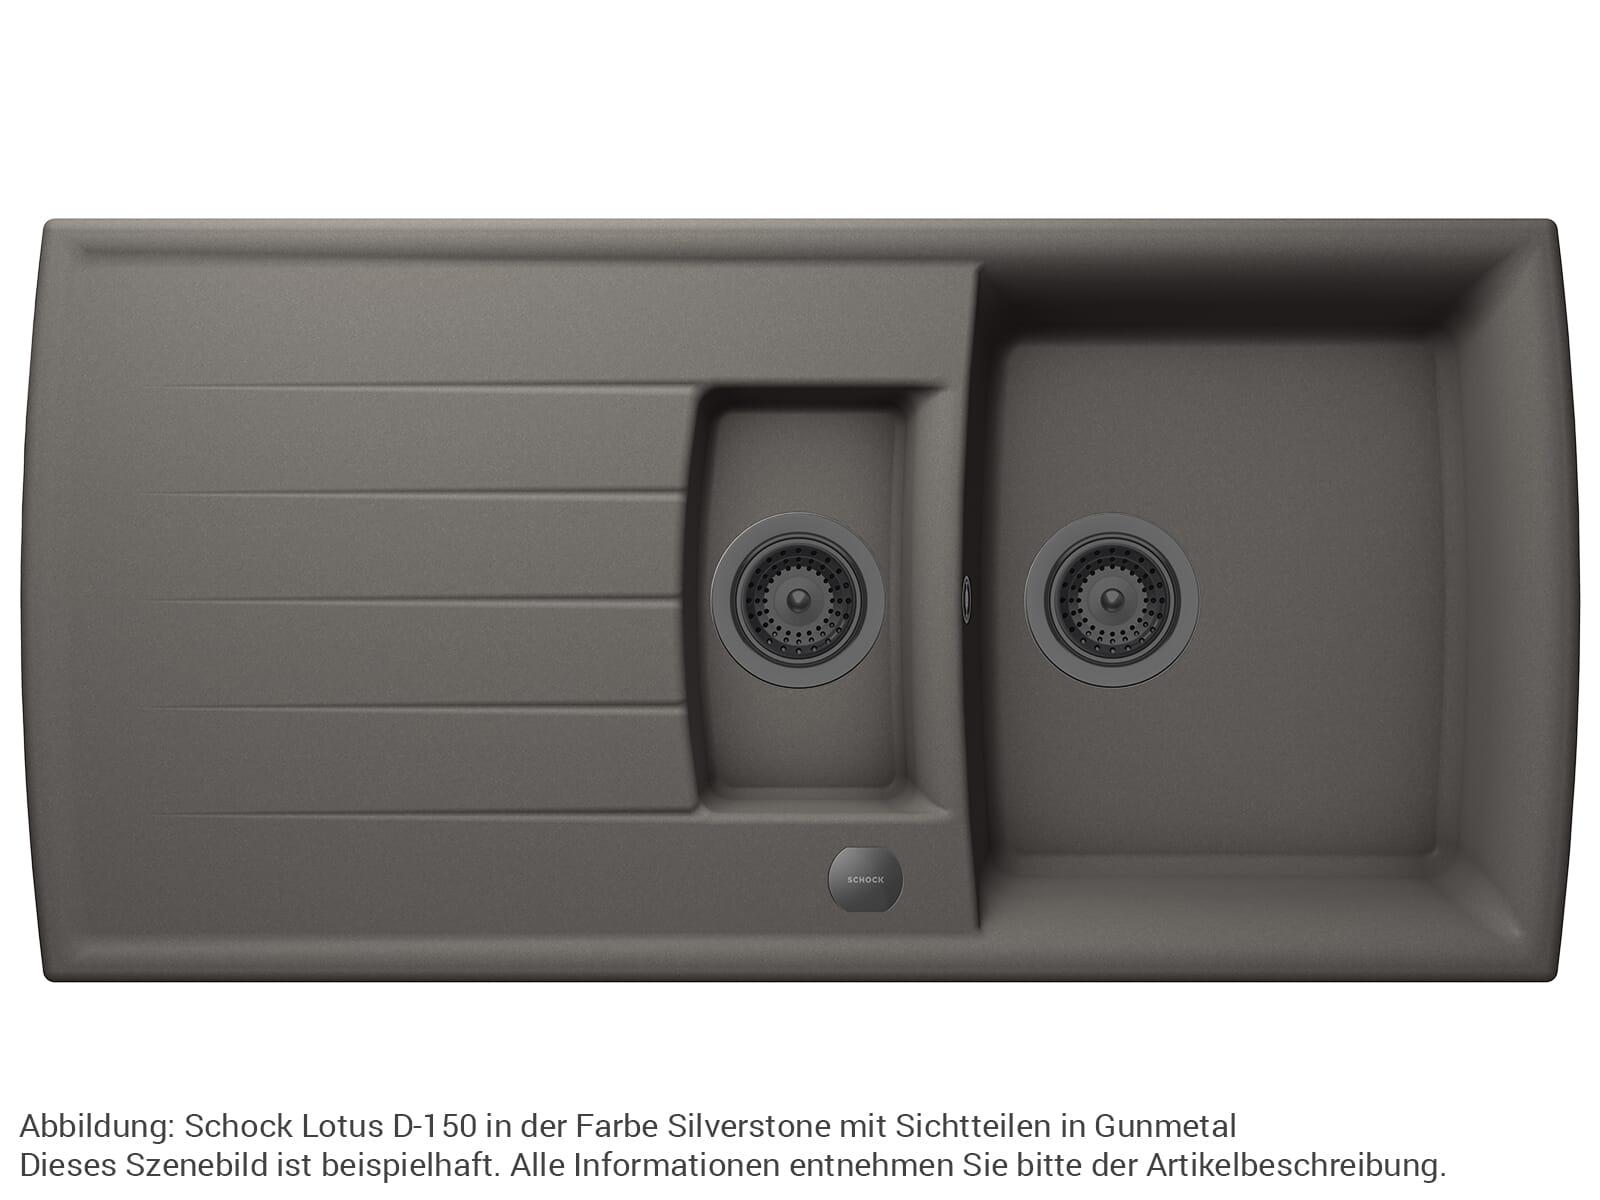 Schock 629305GUM - Sichtteile Gunmetal